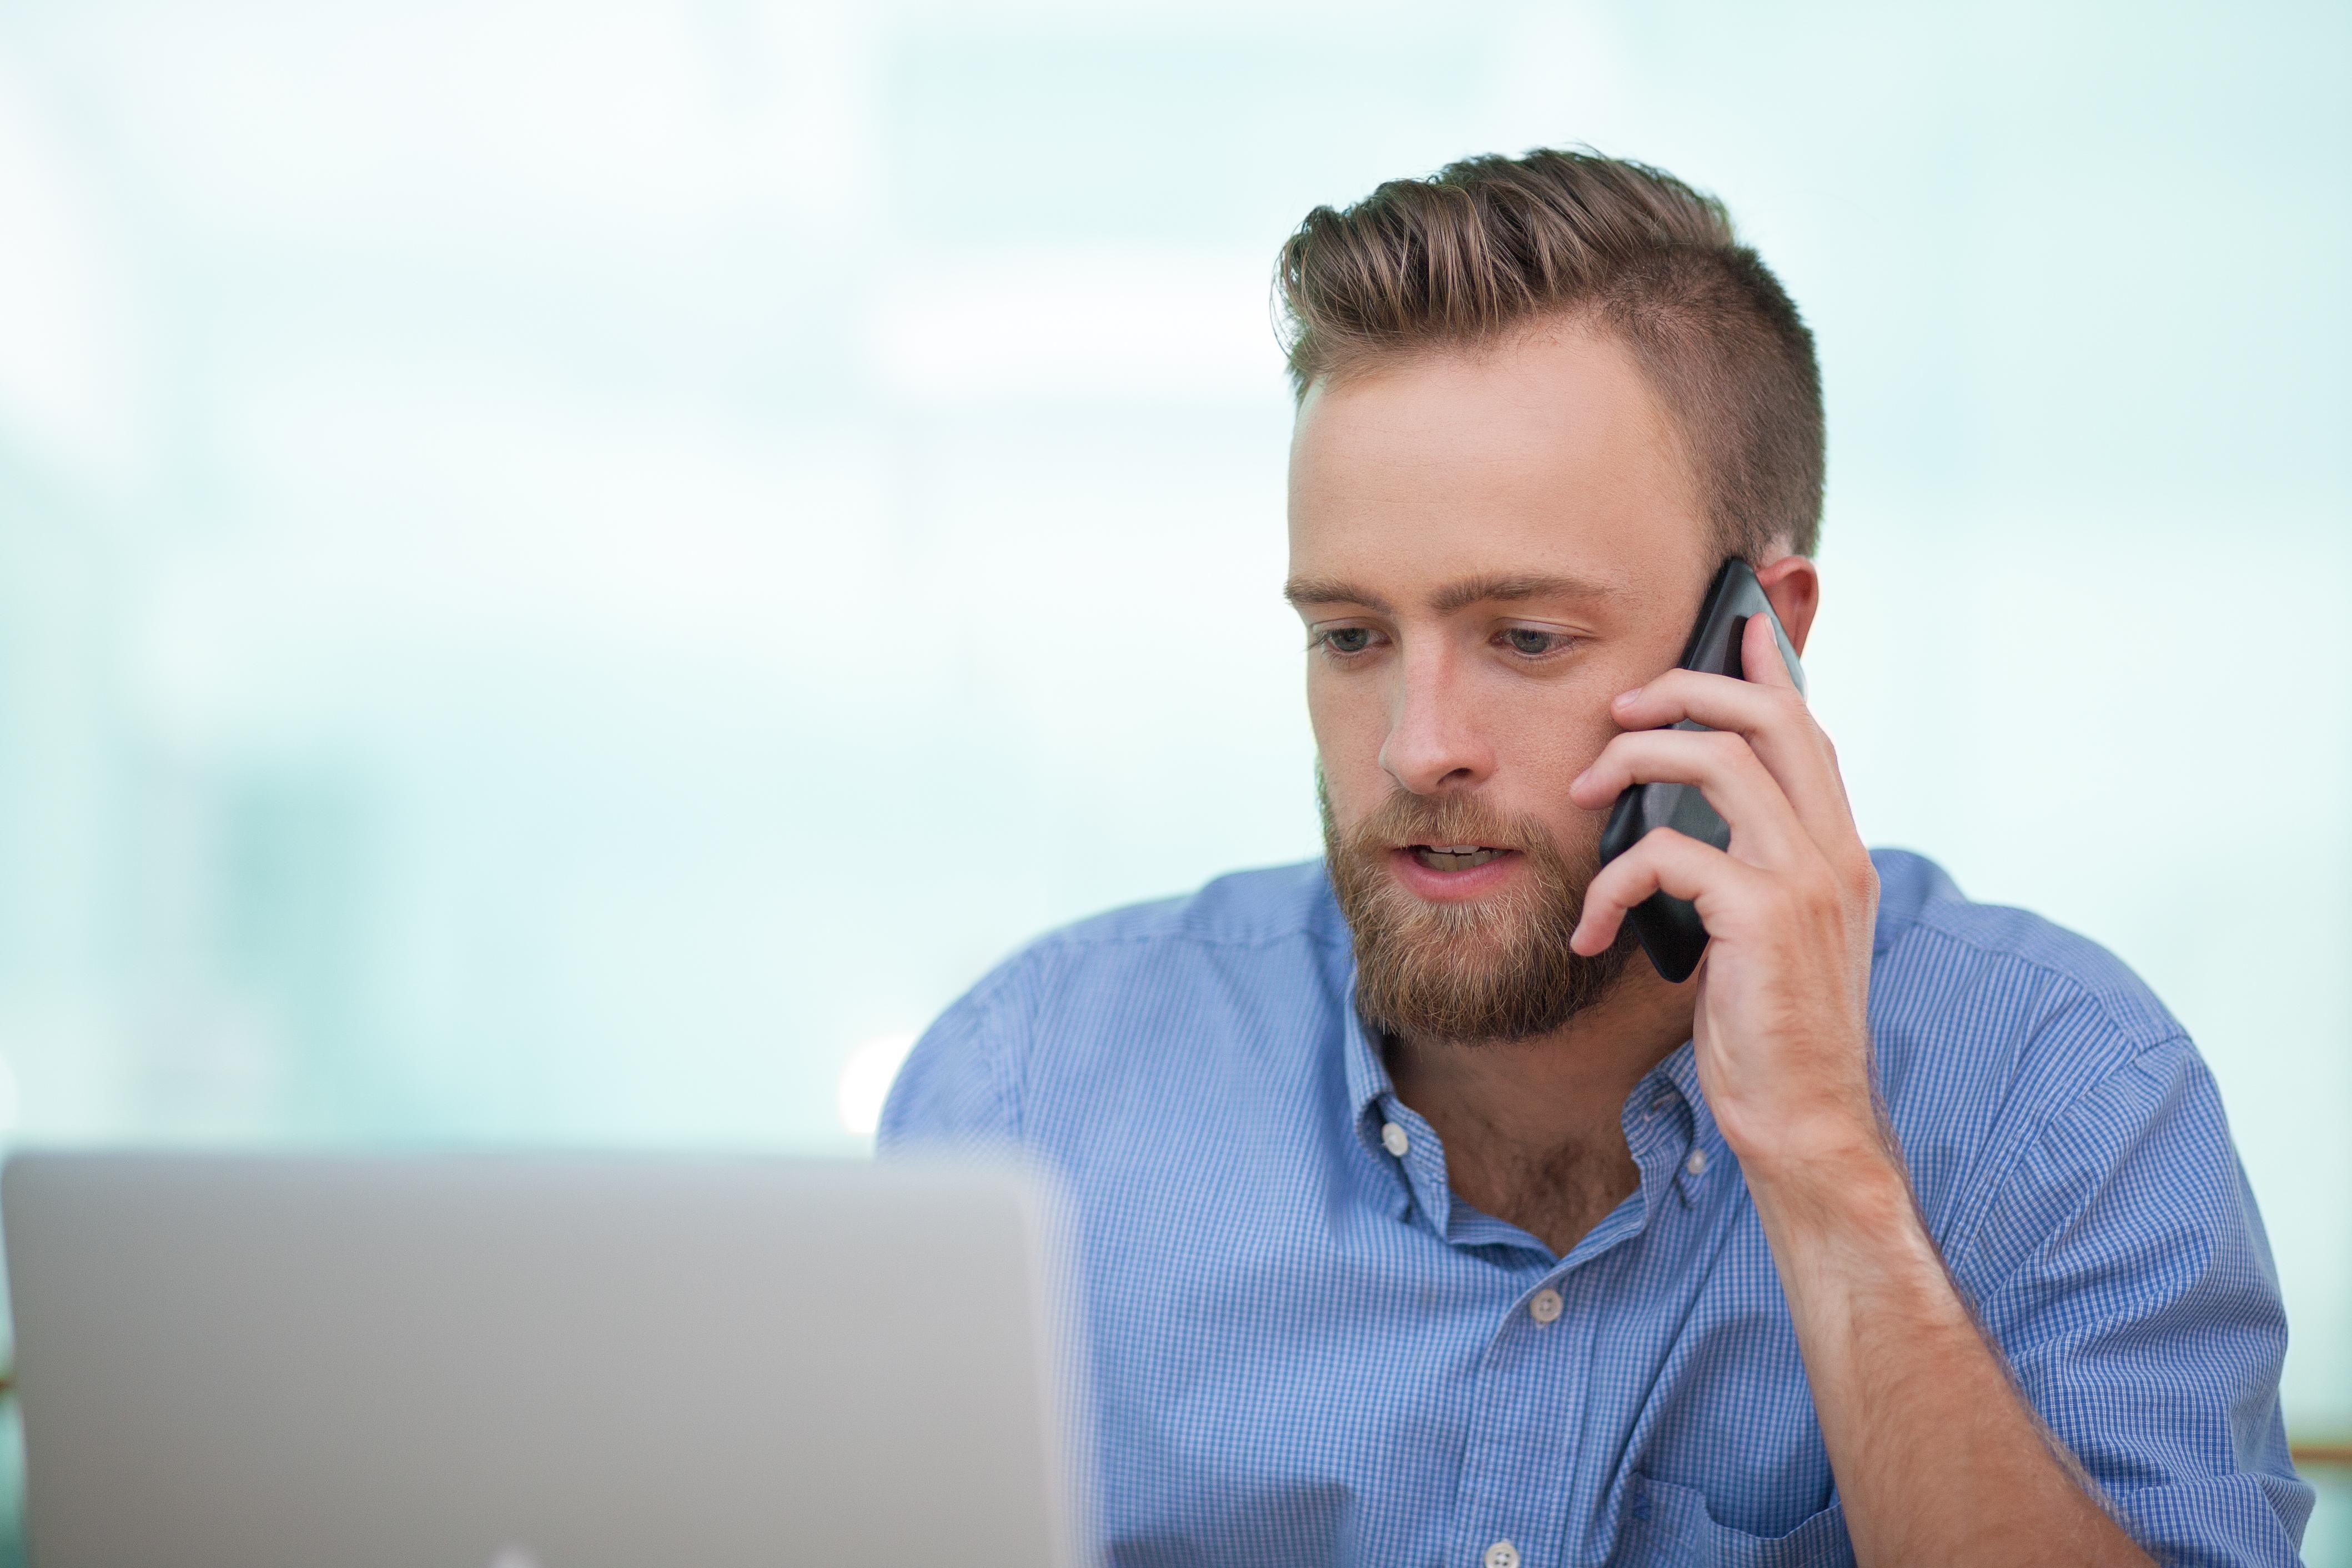 Pracownik rozmawiający przez telefon